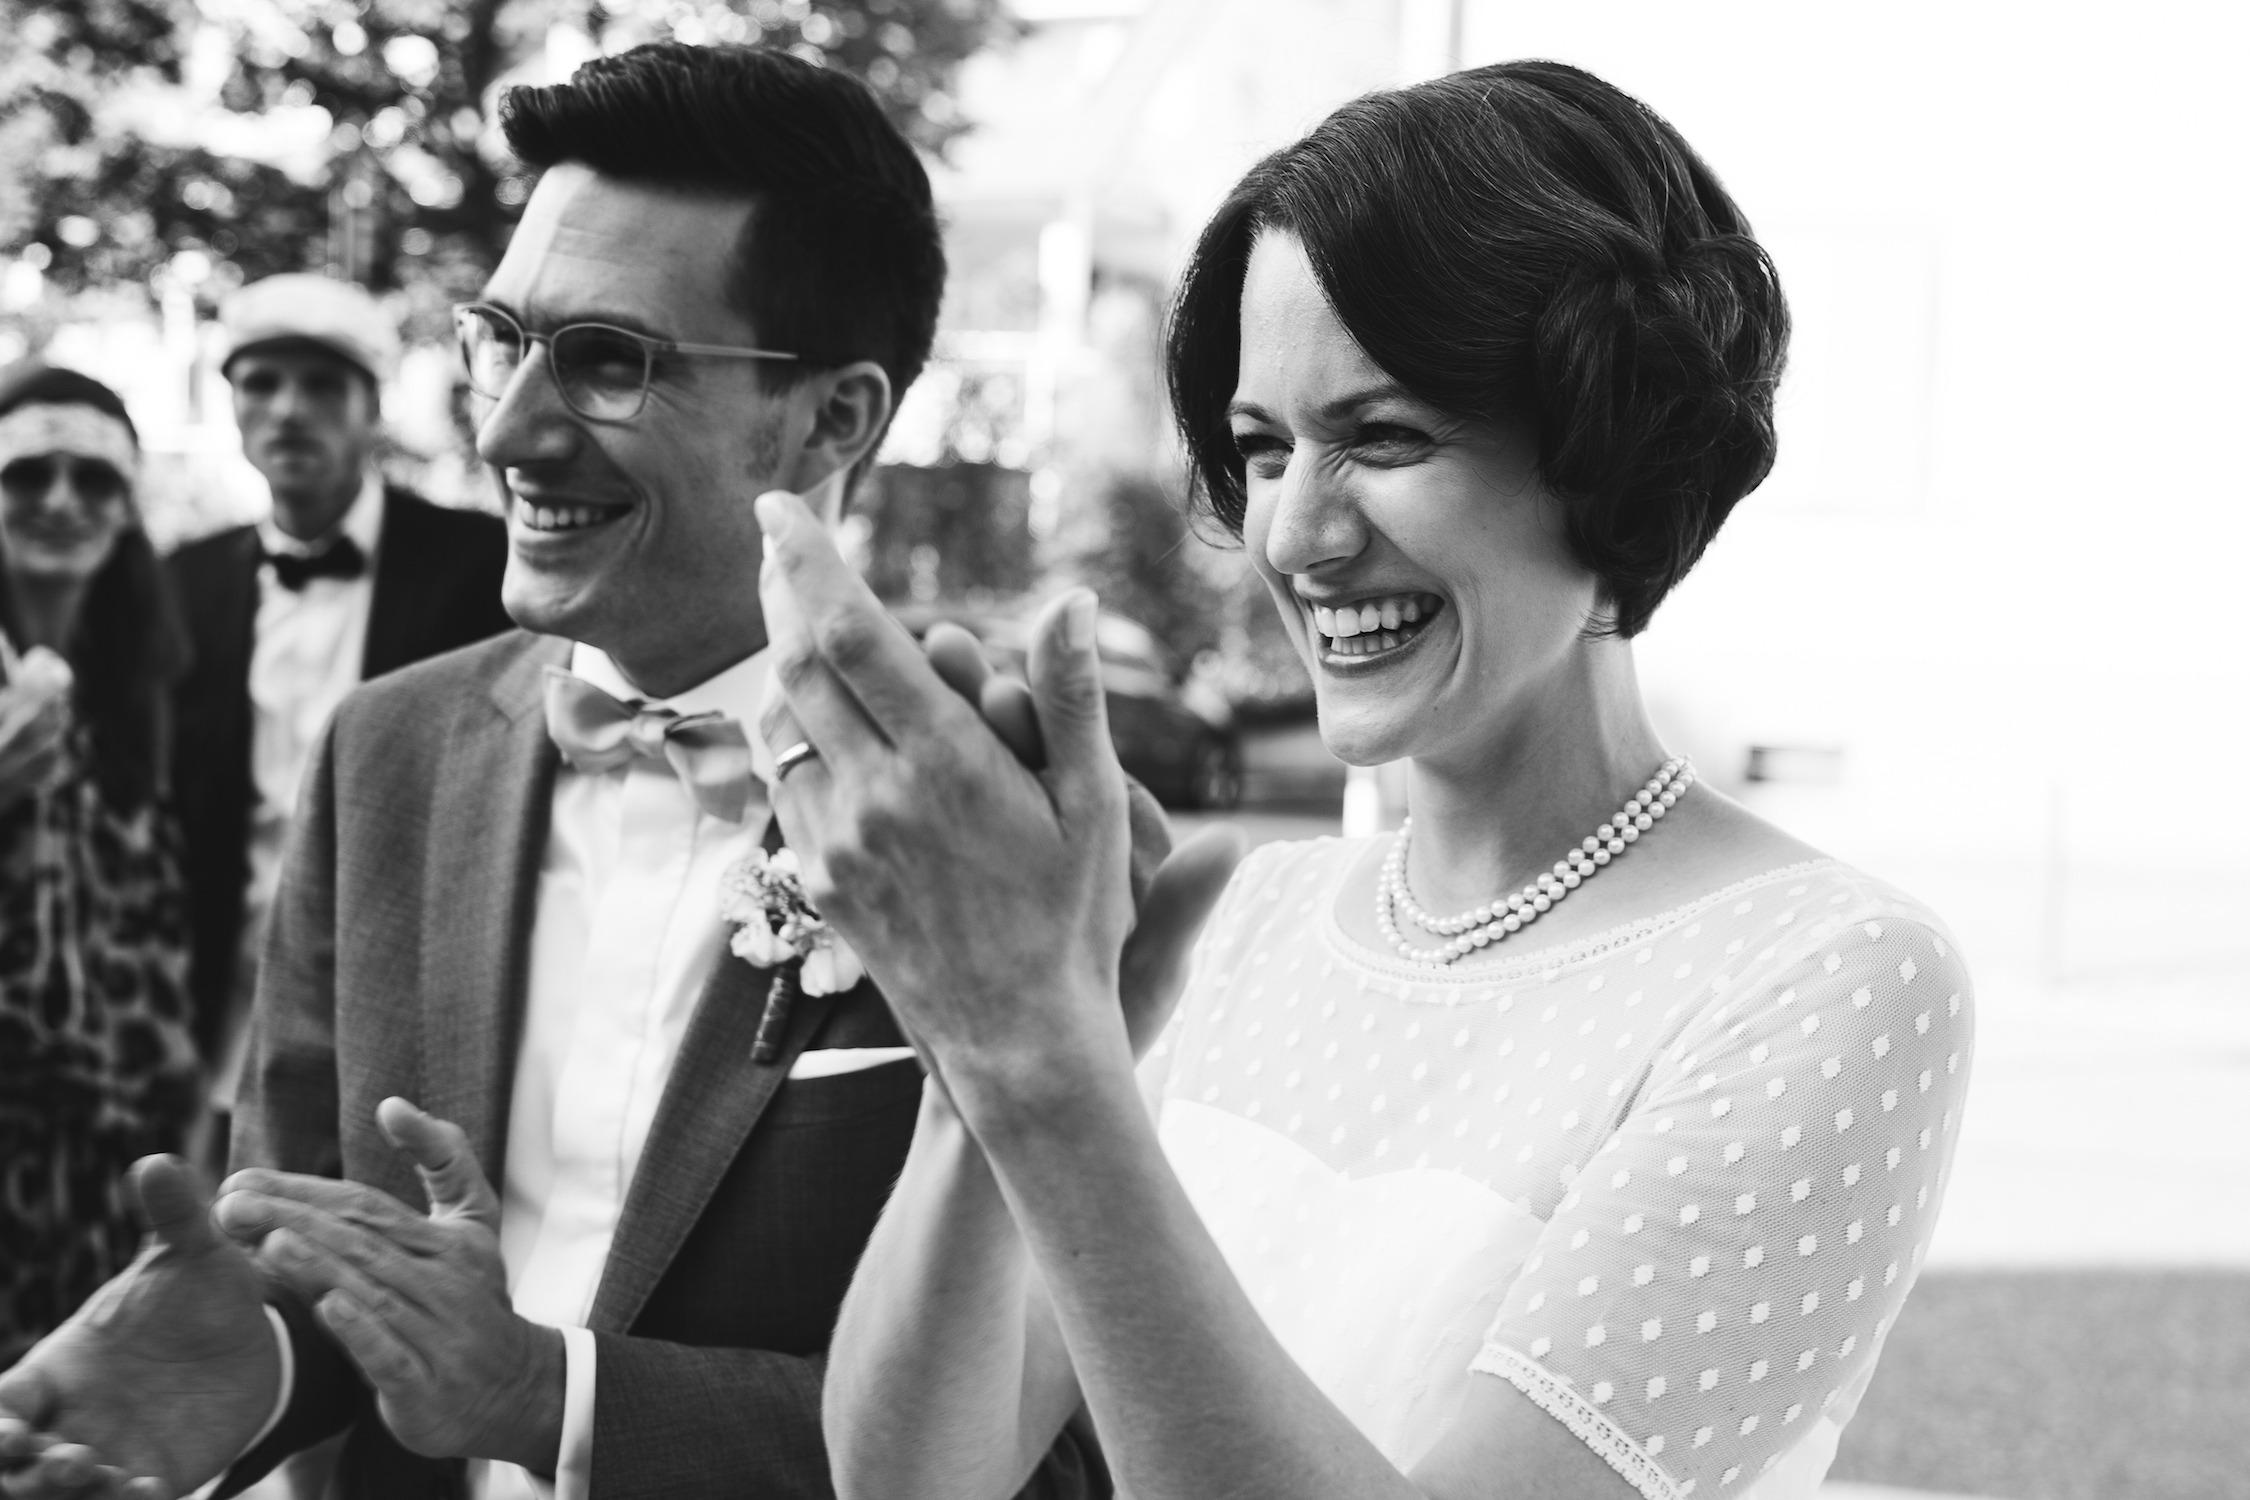 Brautkleid 20er Jahre mit Ärmel (Foto: Le Hai Linh)